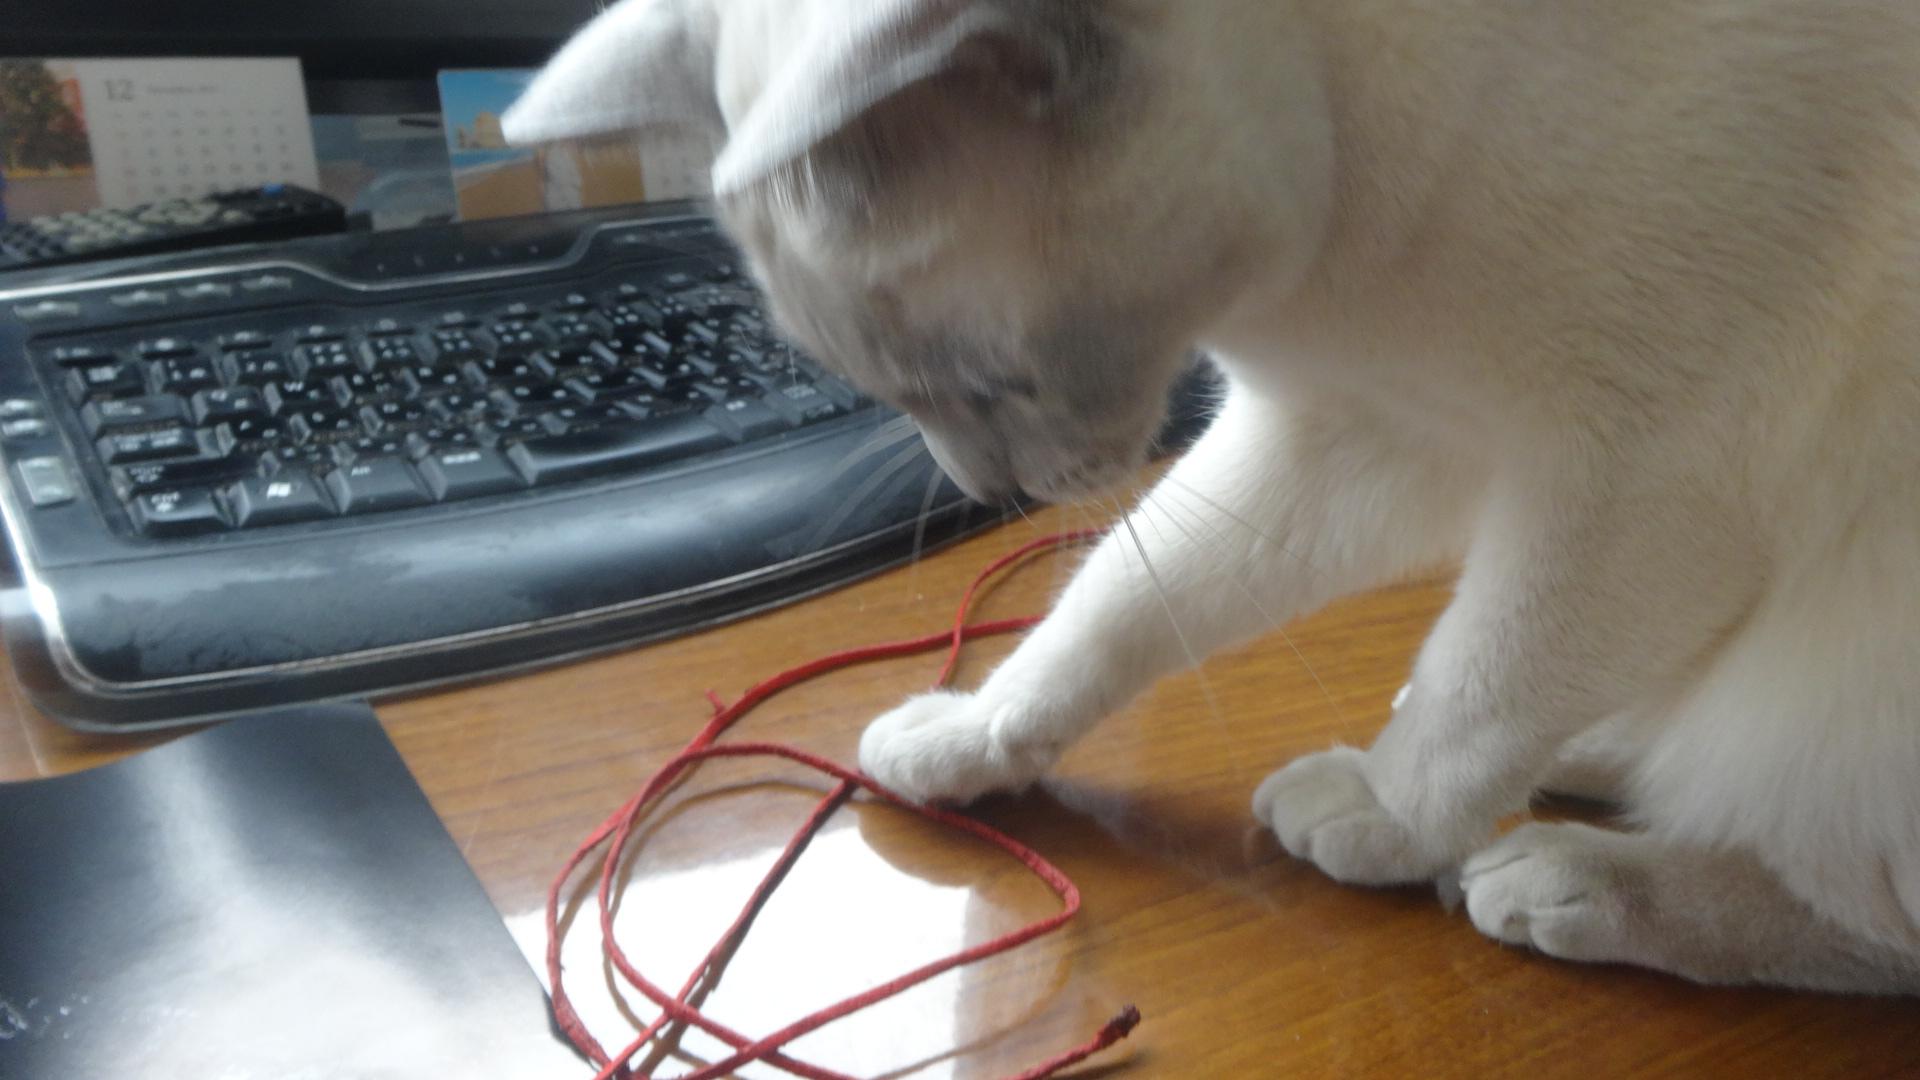 赤い糸を机の上にくわえながらジャンプして持ってきた楓